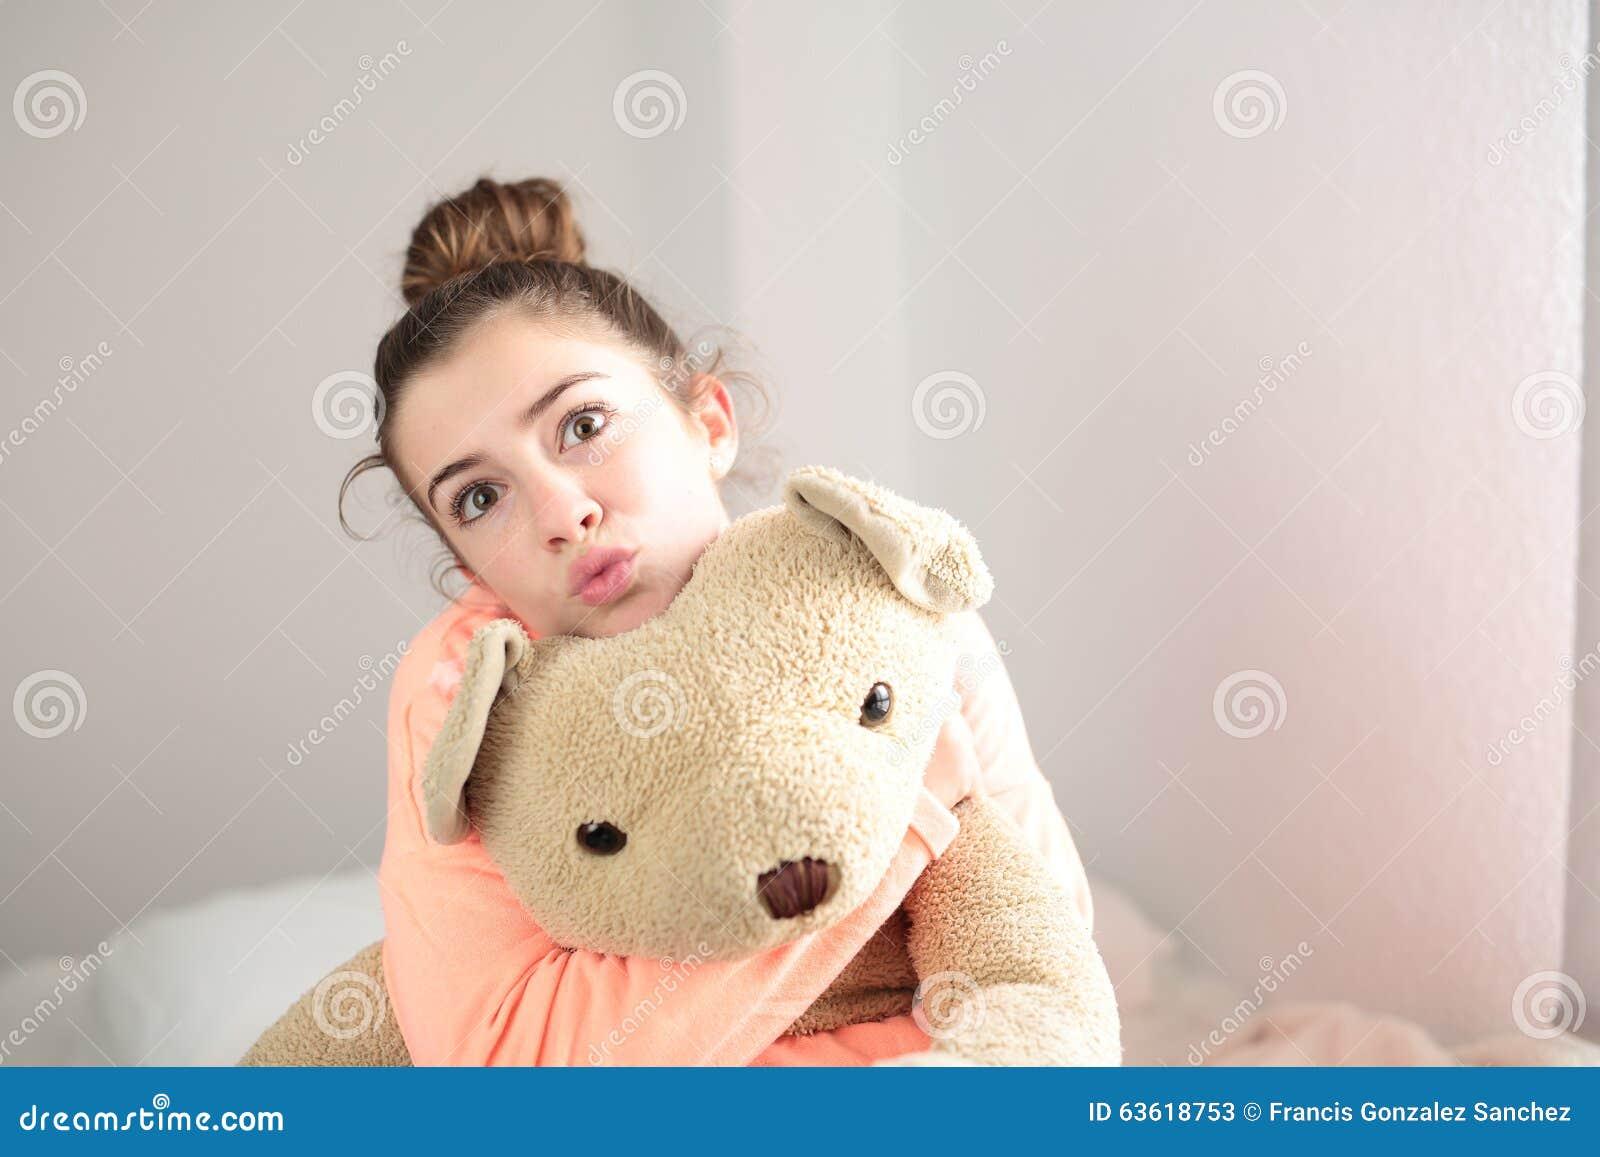 teddy bear Teen